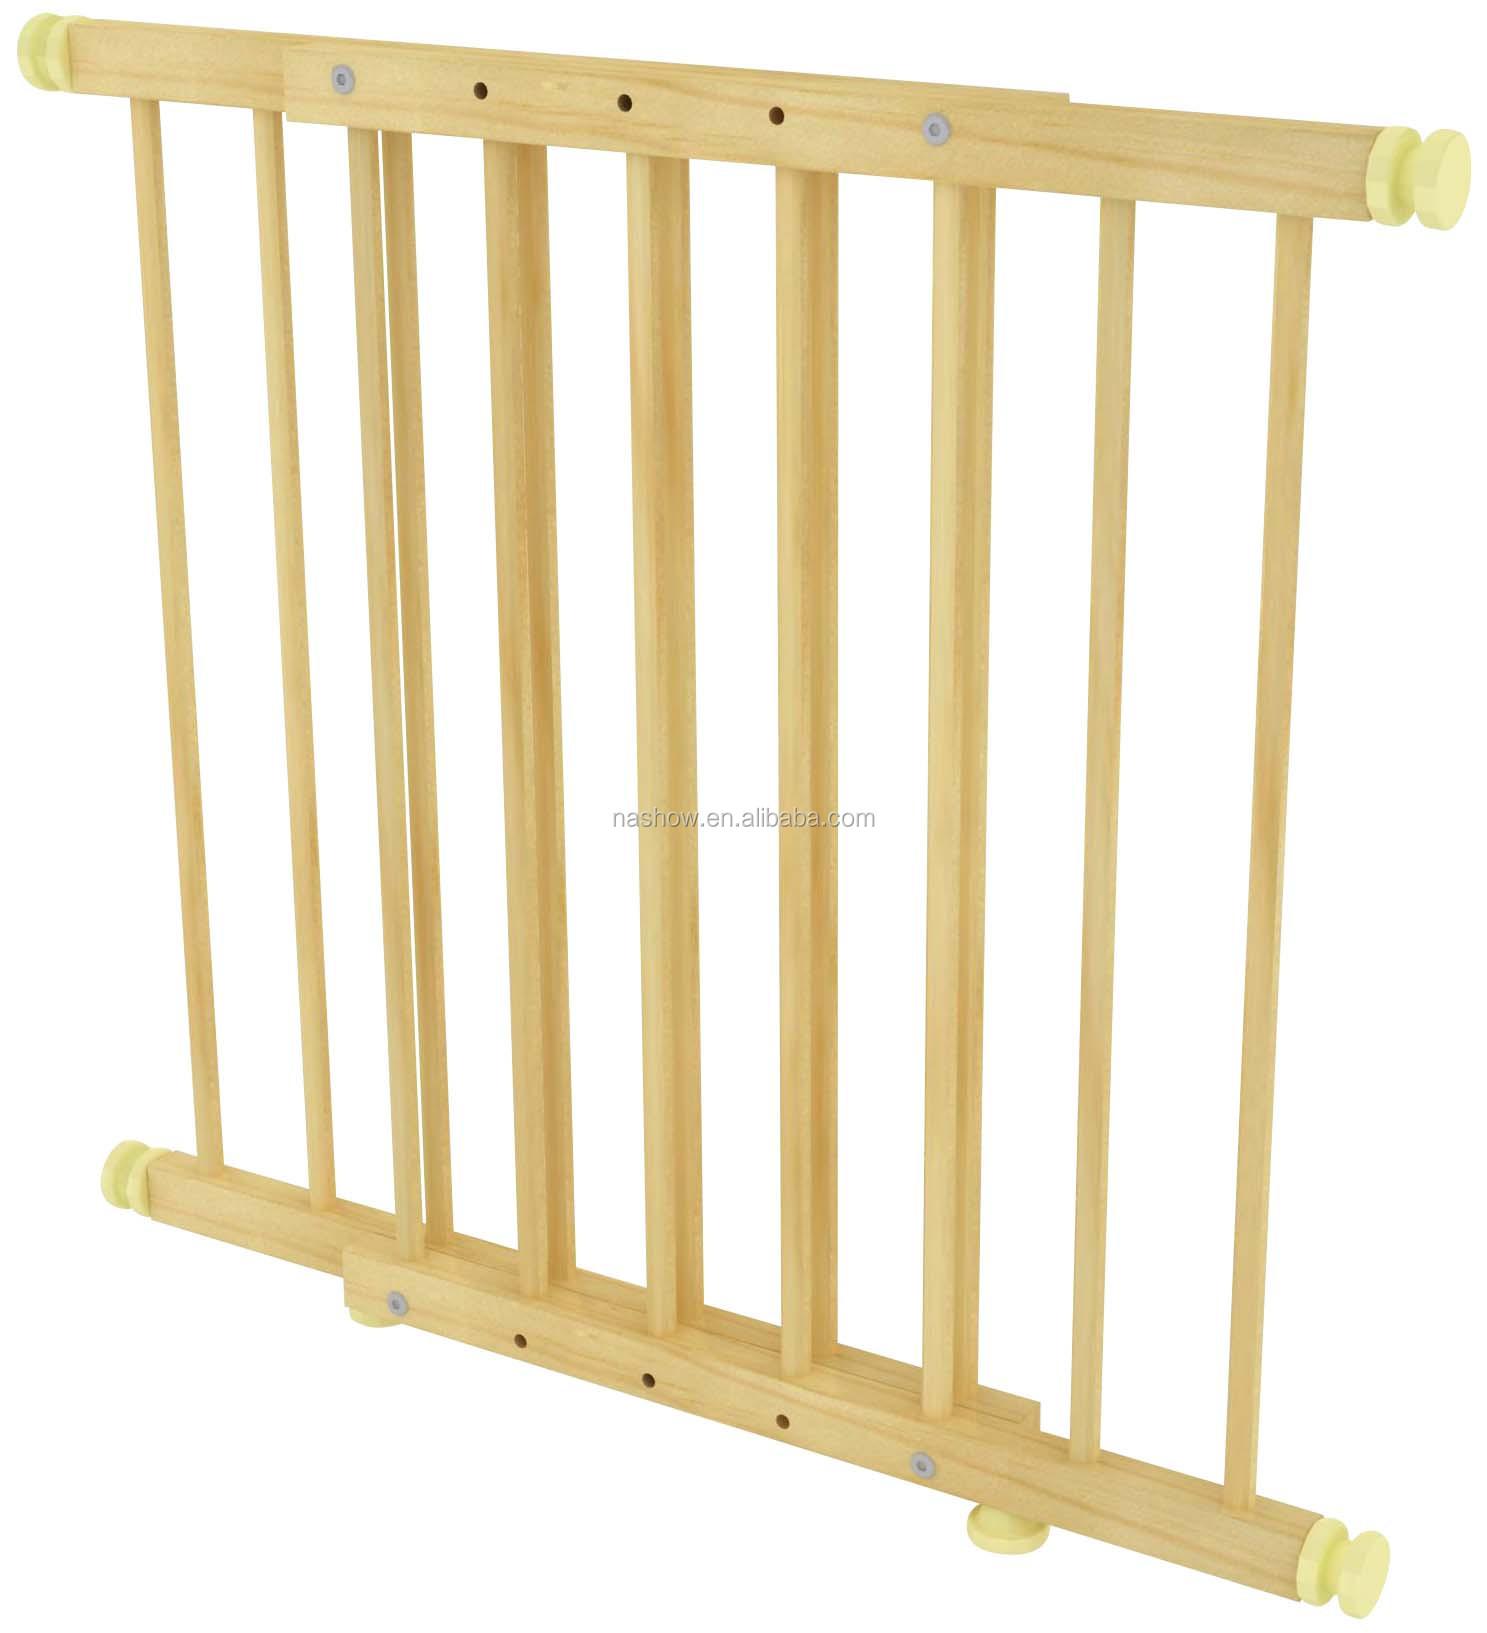 Cubby plan instelbare beveiliging deur houten kind en baby hek ...